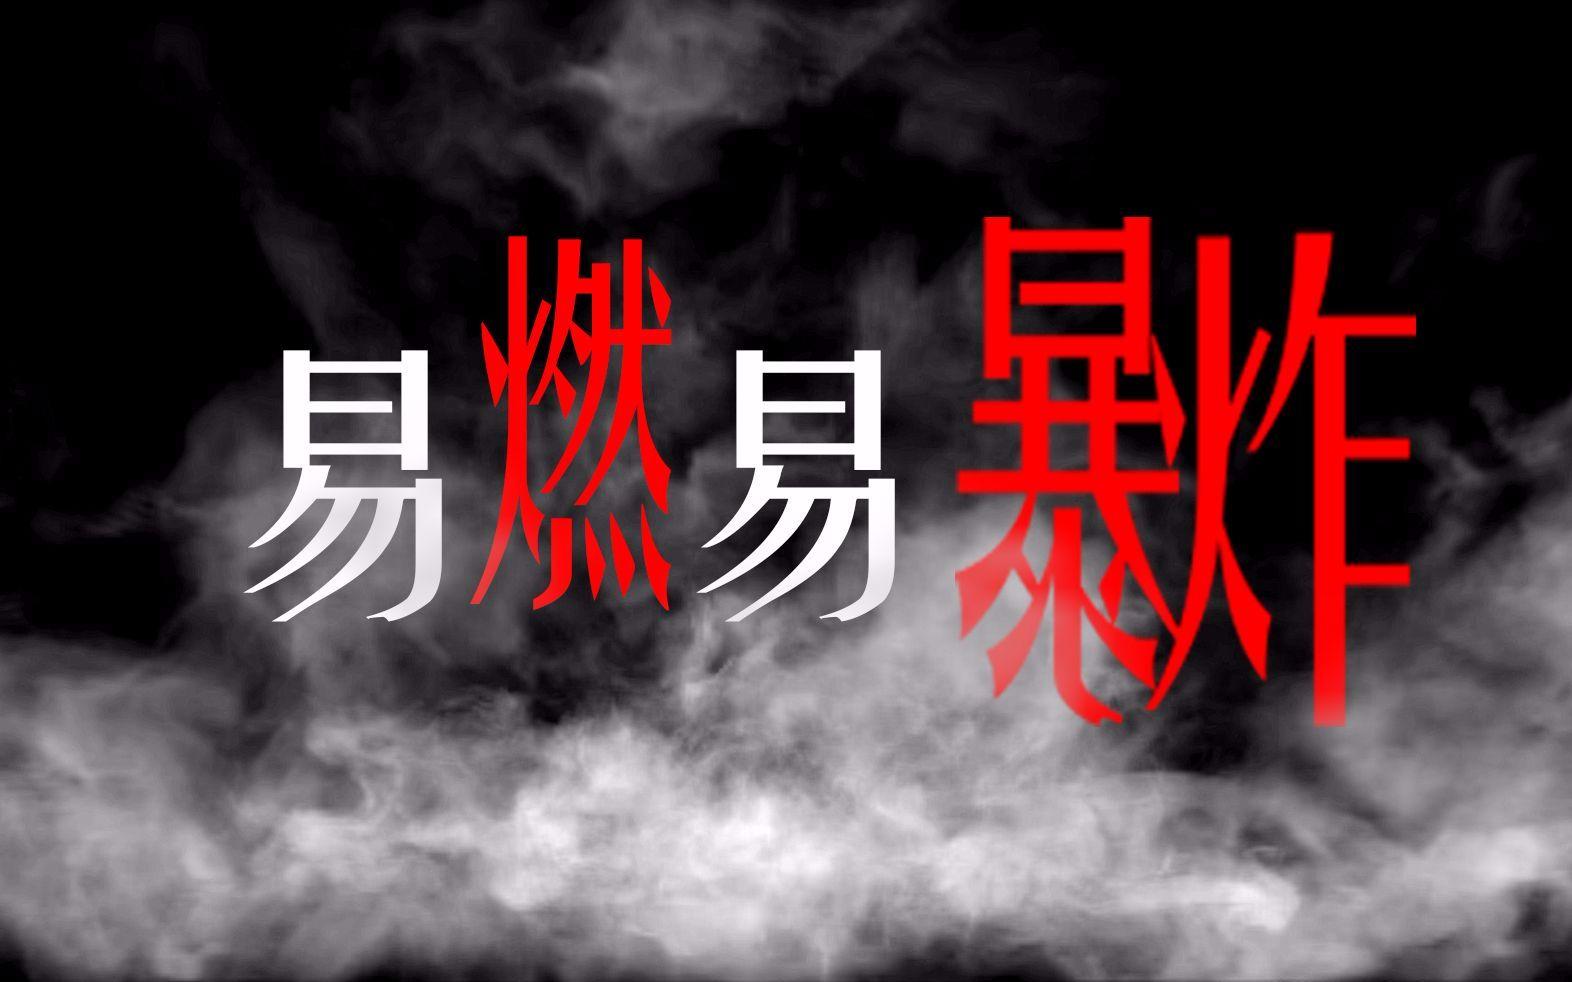 【乐正龙牙】易燃易爆炸【牙哥确实挺炸233333/调:Misaki/踪归~】